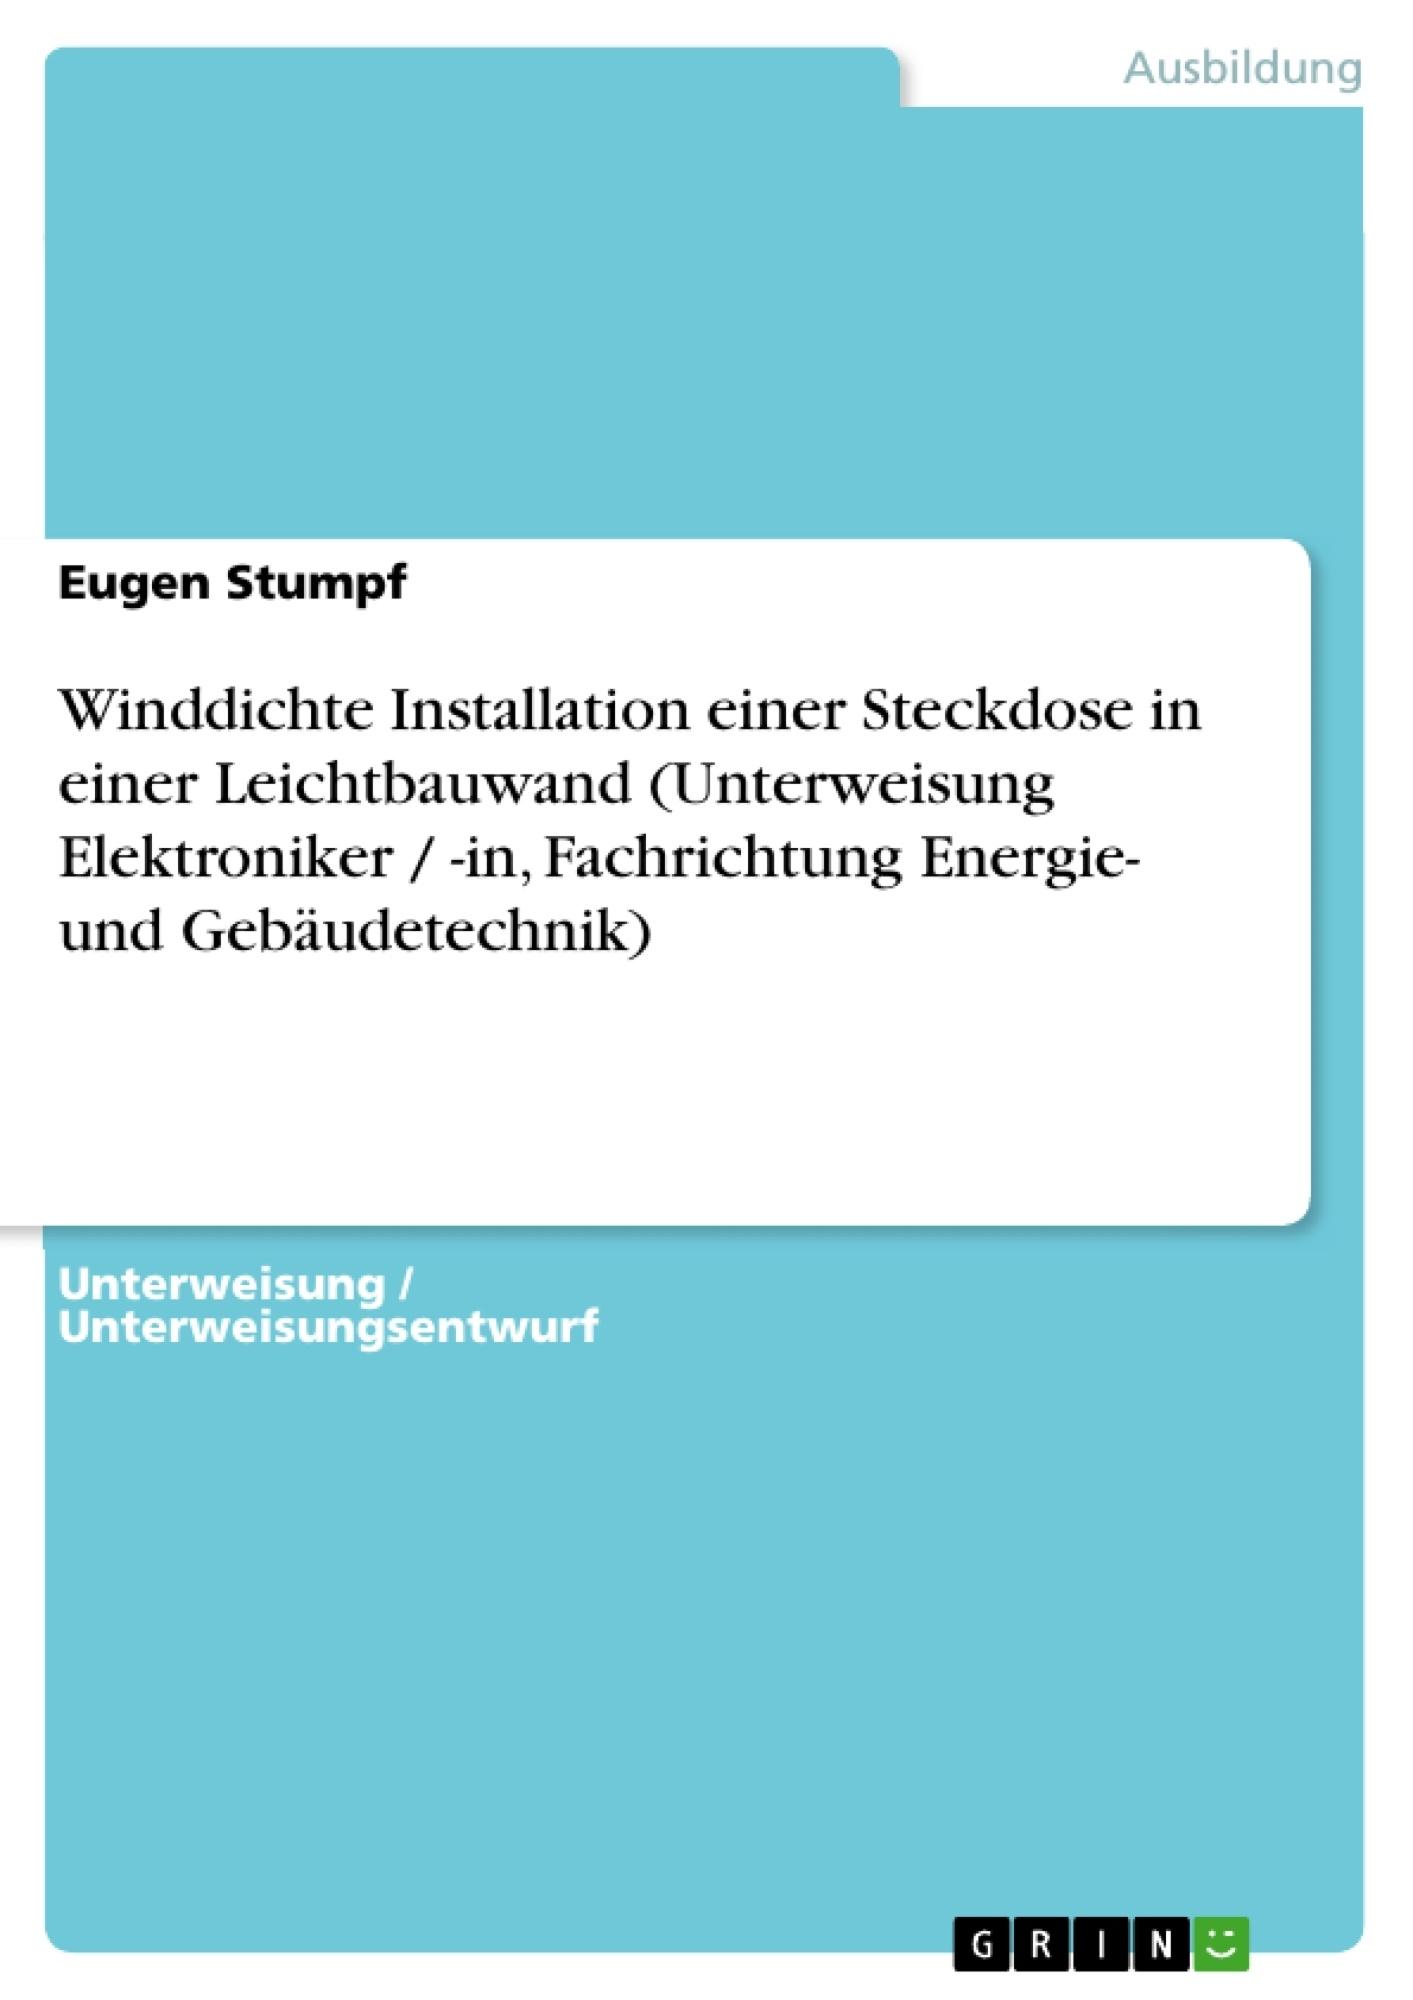 Titel: Winddichte Installation einer Steckdose in einer Leichtbauwand (Unterweisung Elektroniker / -in, Fachrichtung Energie- und Gebäudetechnik)